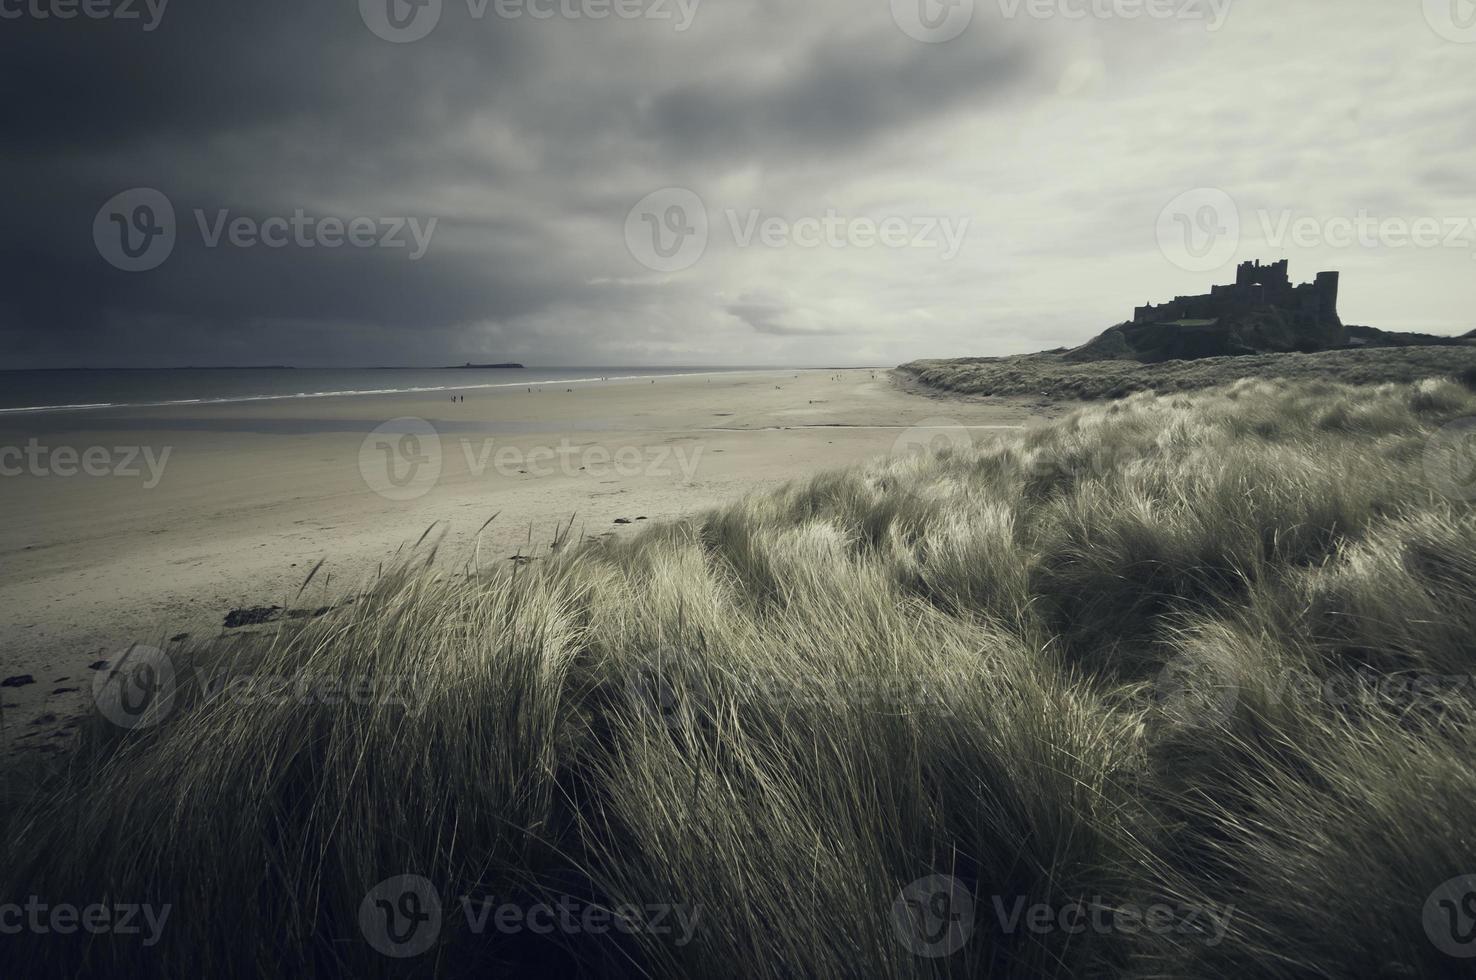 bestorm het strand, bestorm het kasteel foto